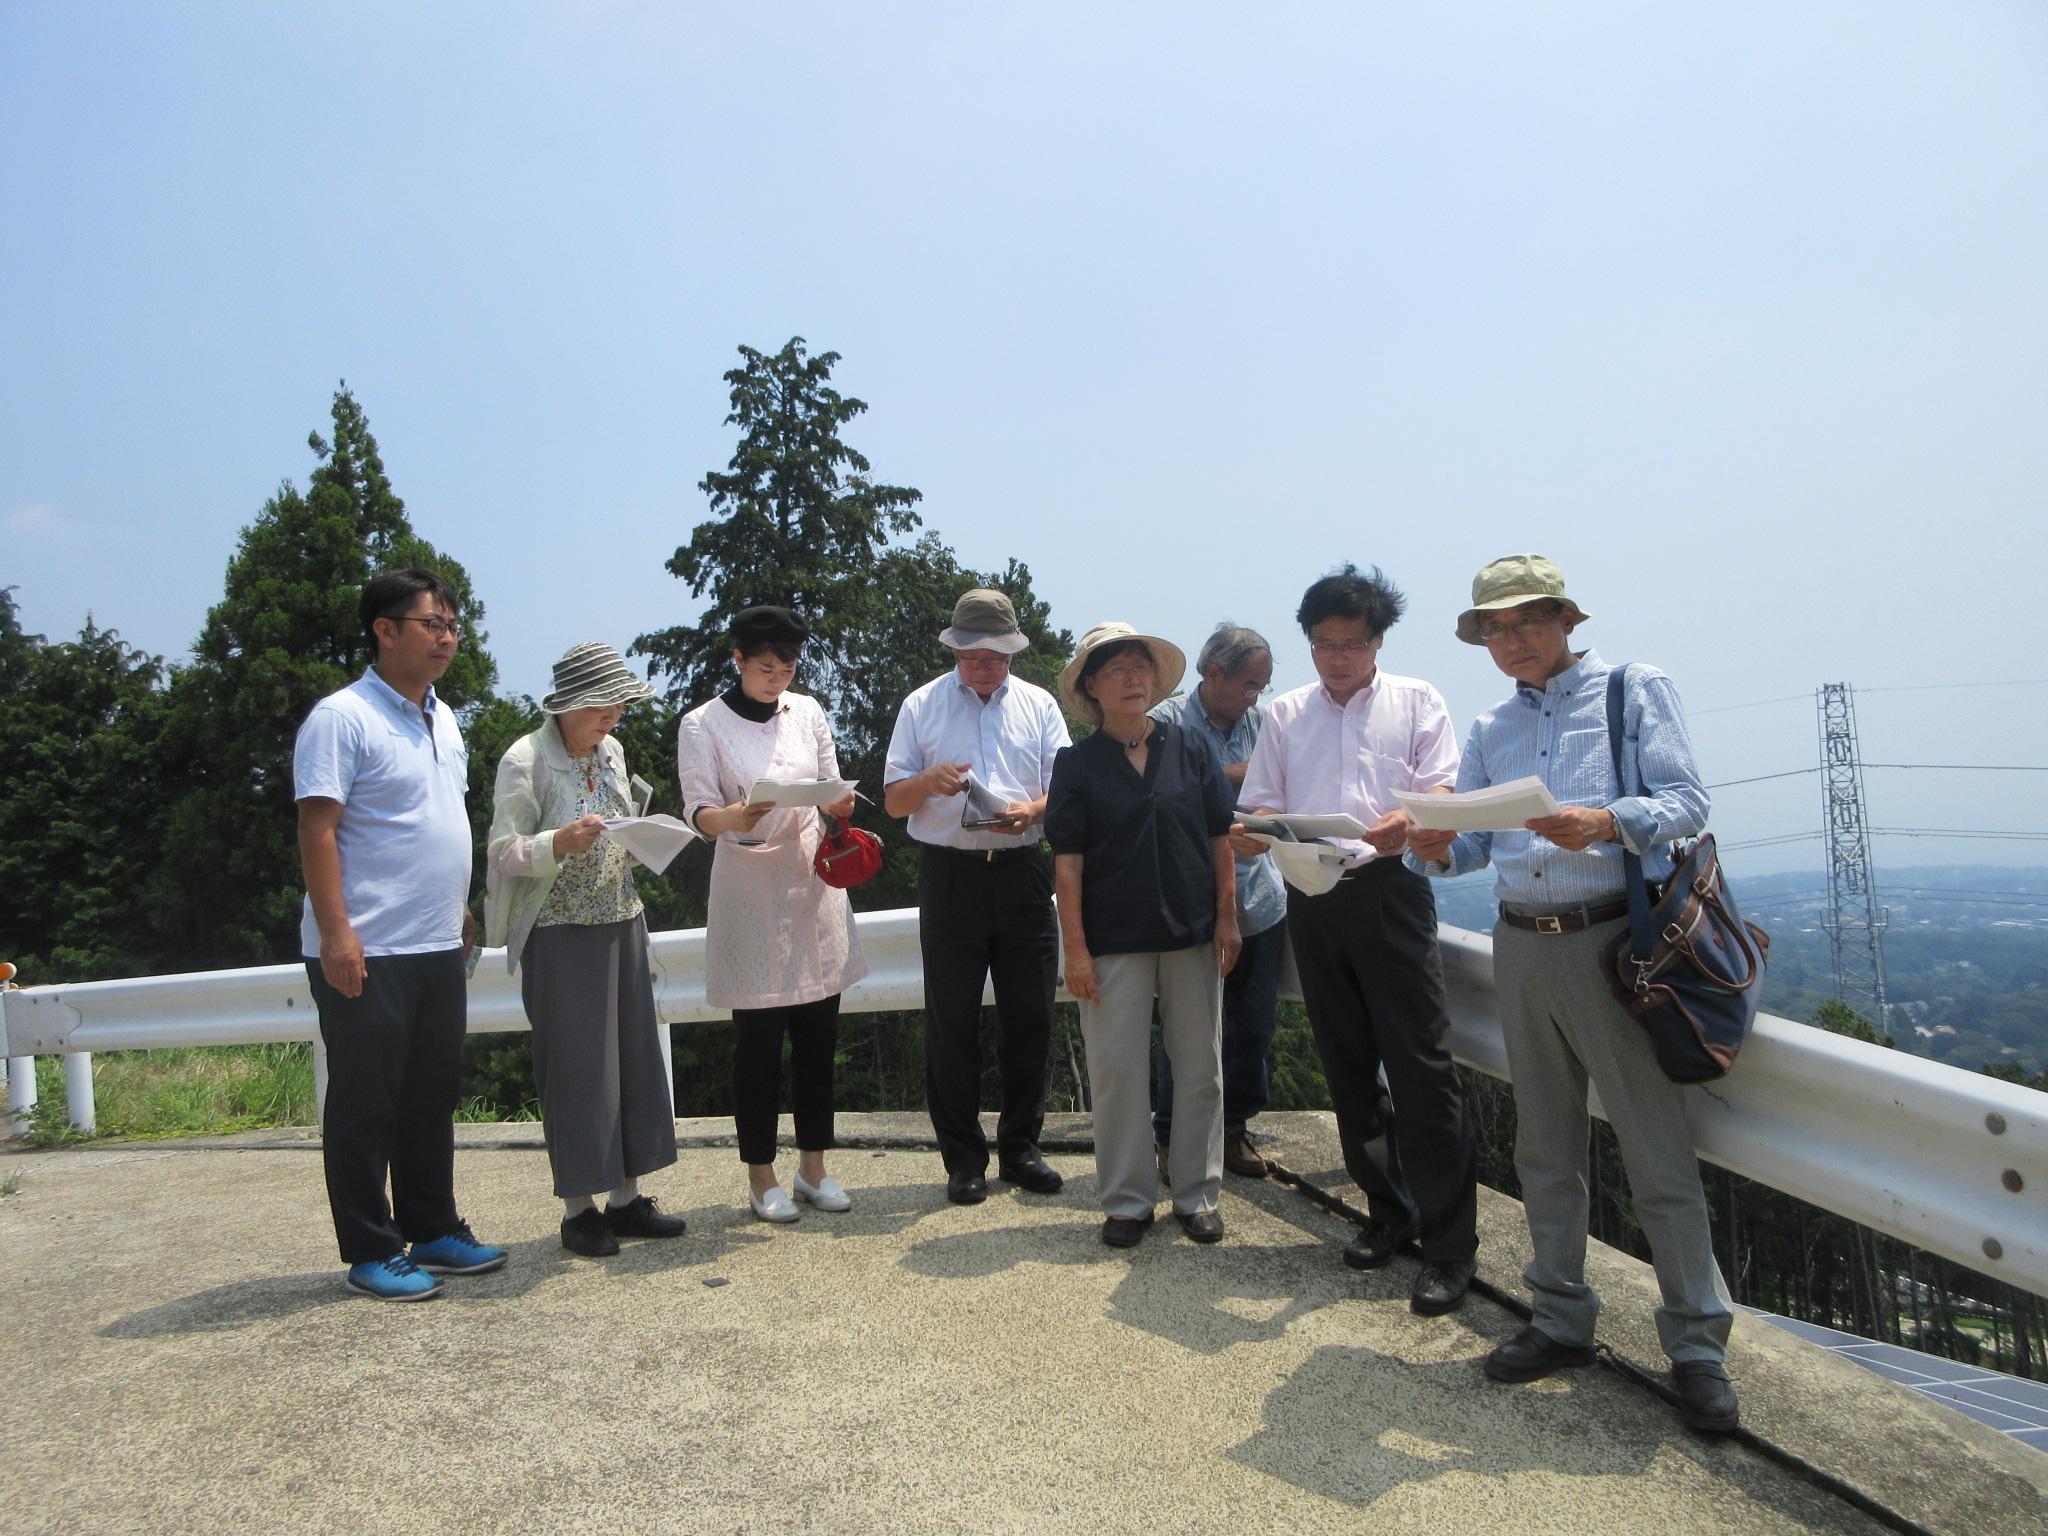 http://www.inoue-satoshi.com/diary/IMG_5779.JPG